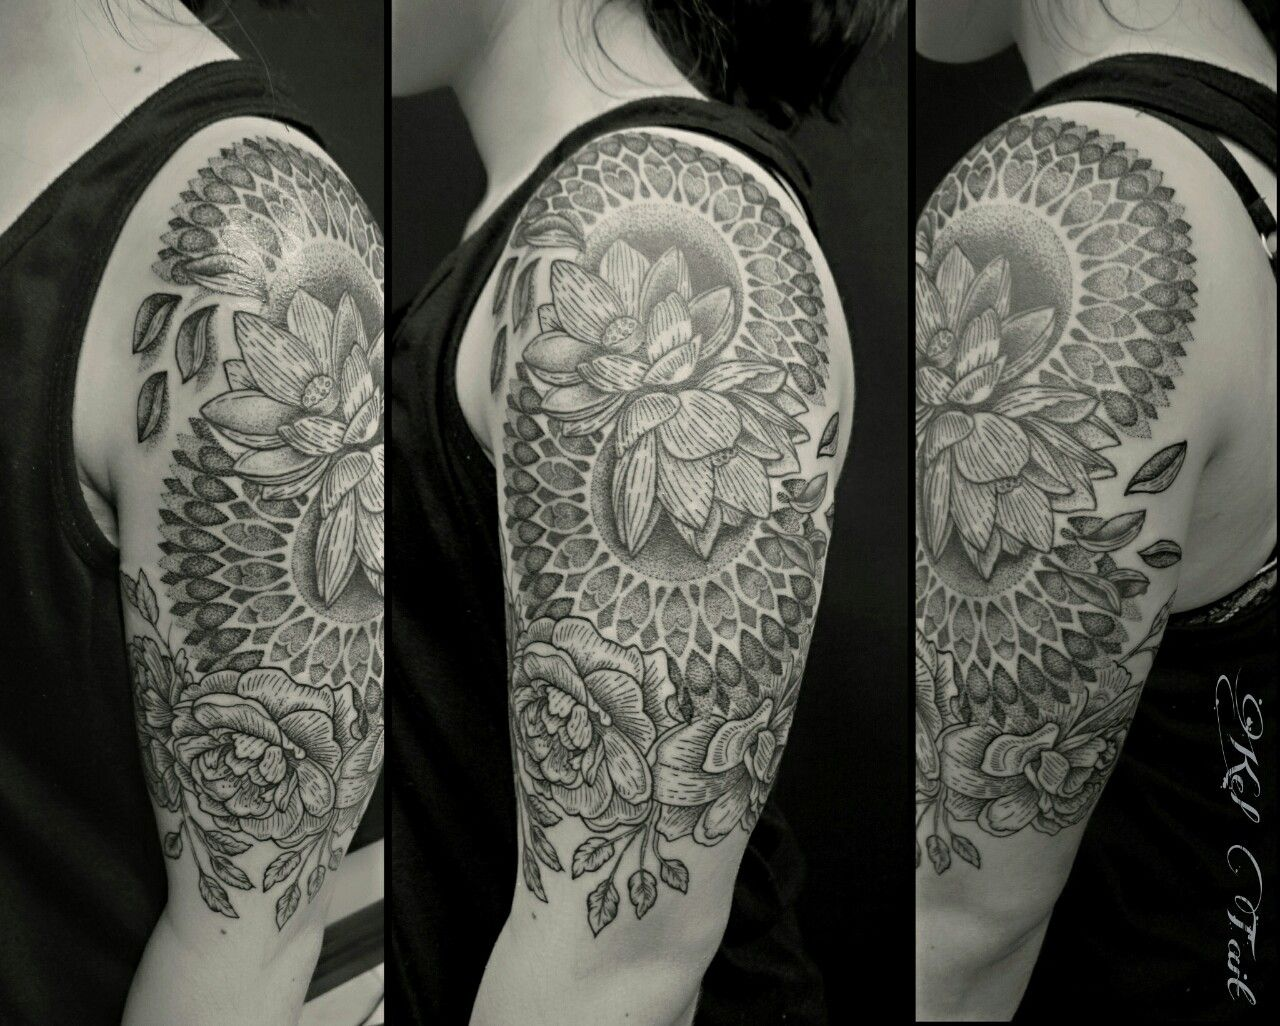 Mandala tattoo on pinterest lotus mandala tattoo lotus mandala - Tattoo Dotwork Mandala Peonies And Lotus